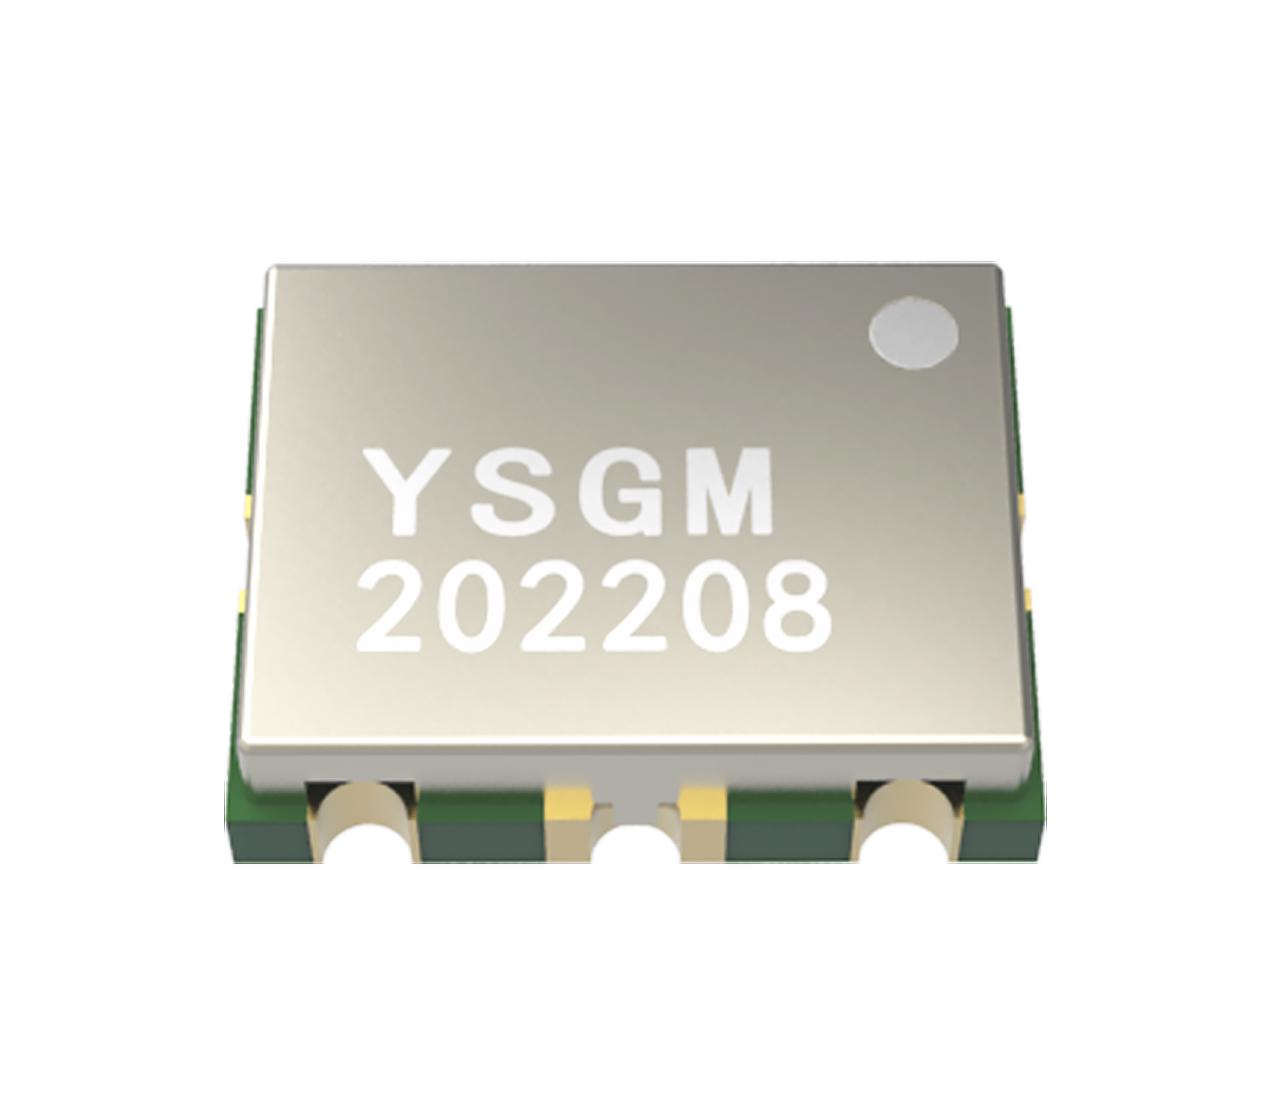 YSGM202208